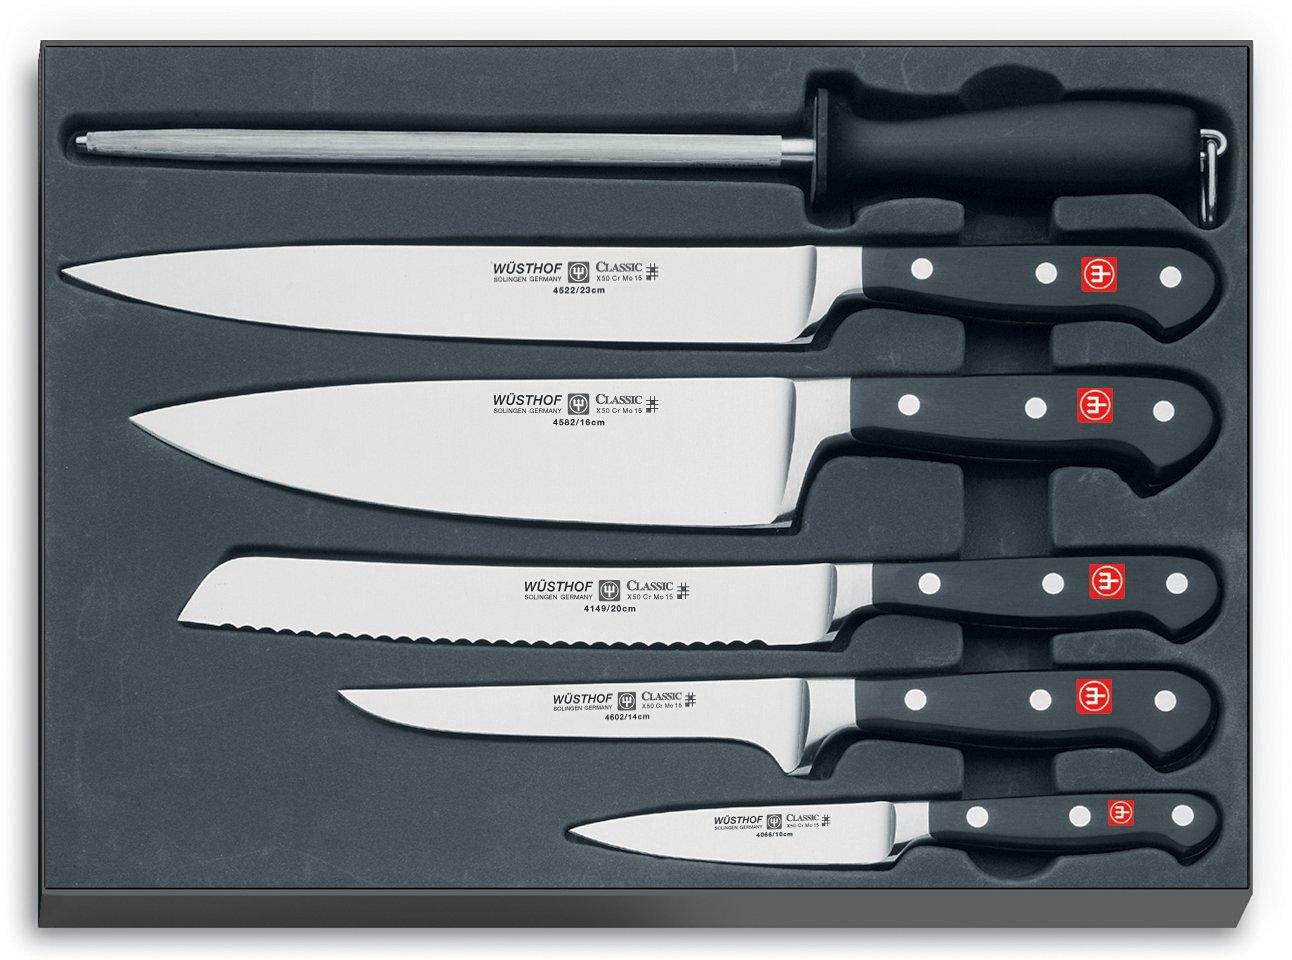 I migliori coltelli da cucina giapponesi: per un taglio ...